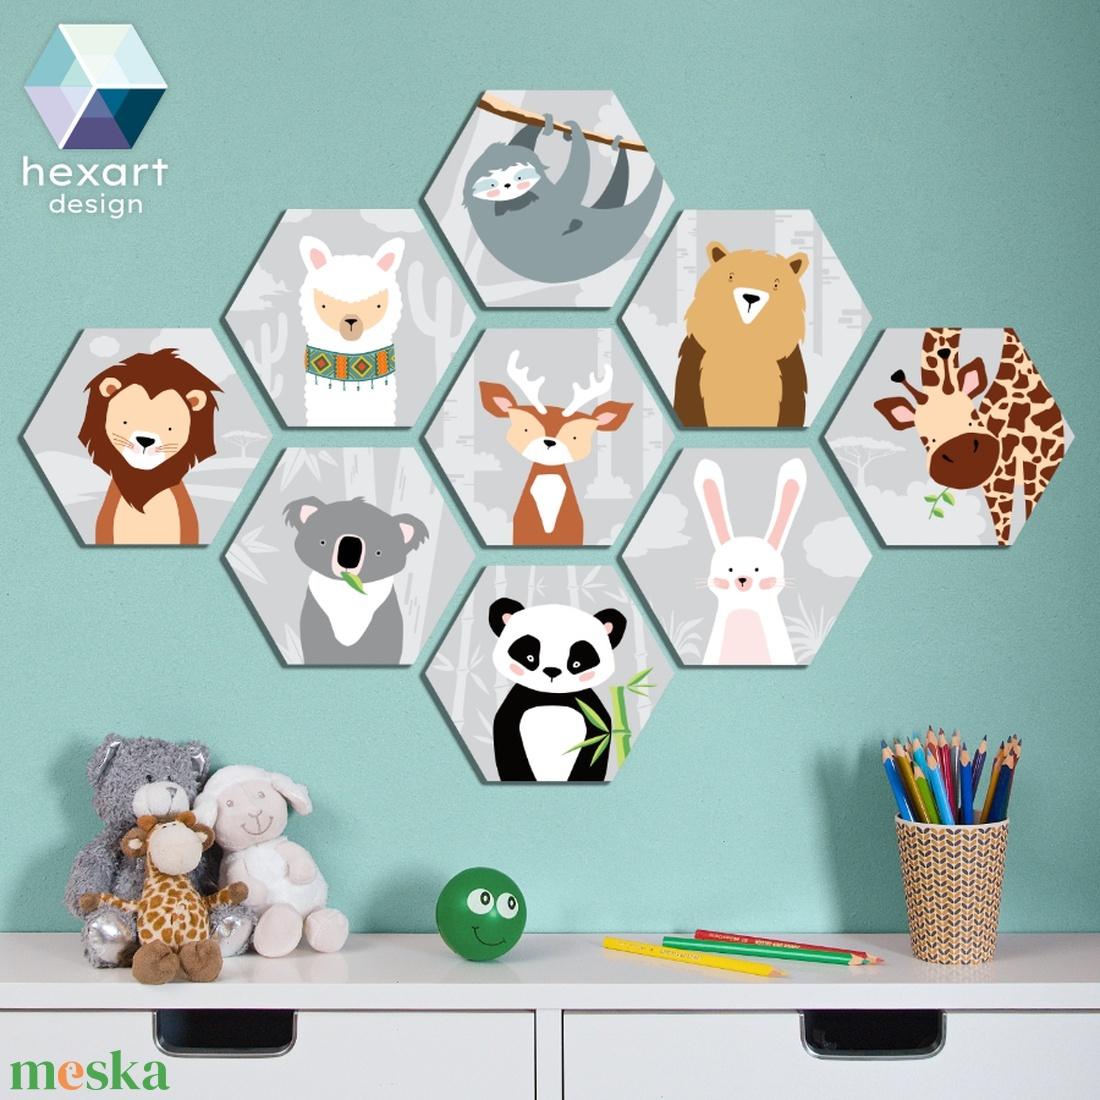 9 db-os babaszoba dekoráció - választható állatokkal (Hexartdesign) - Meska.hu